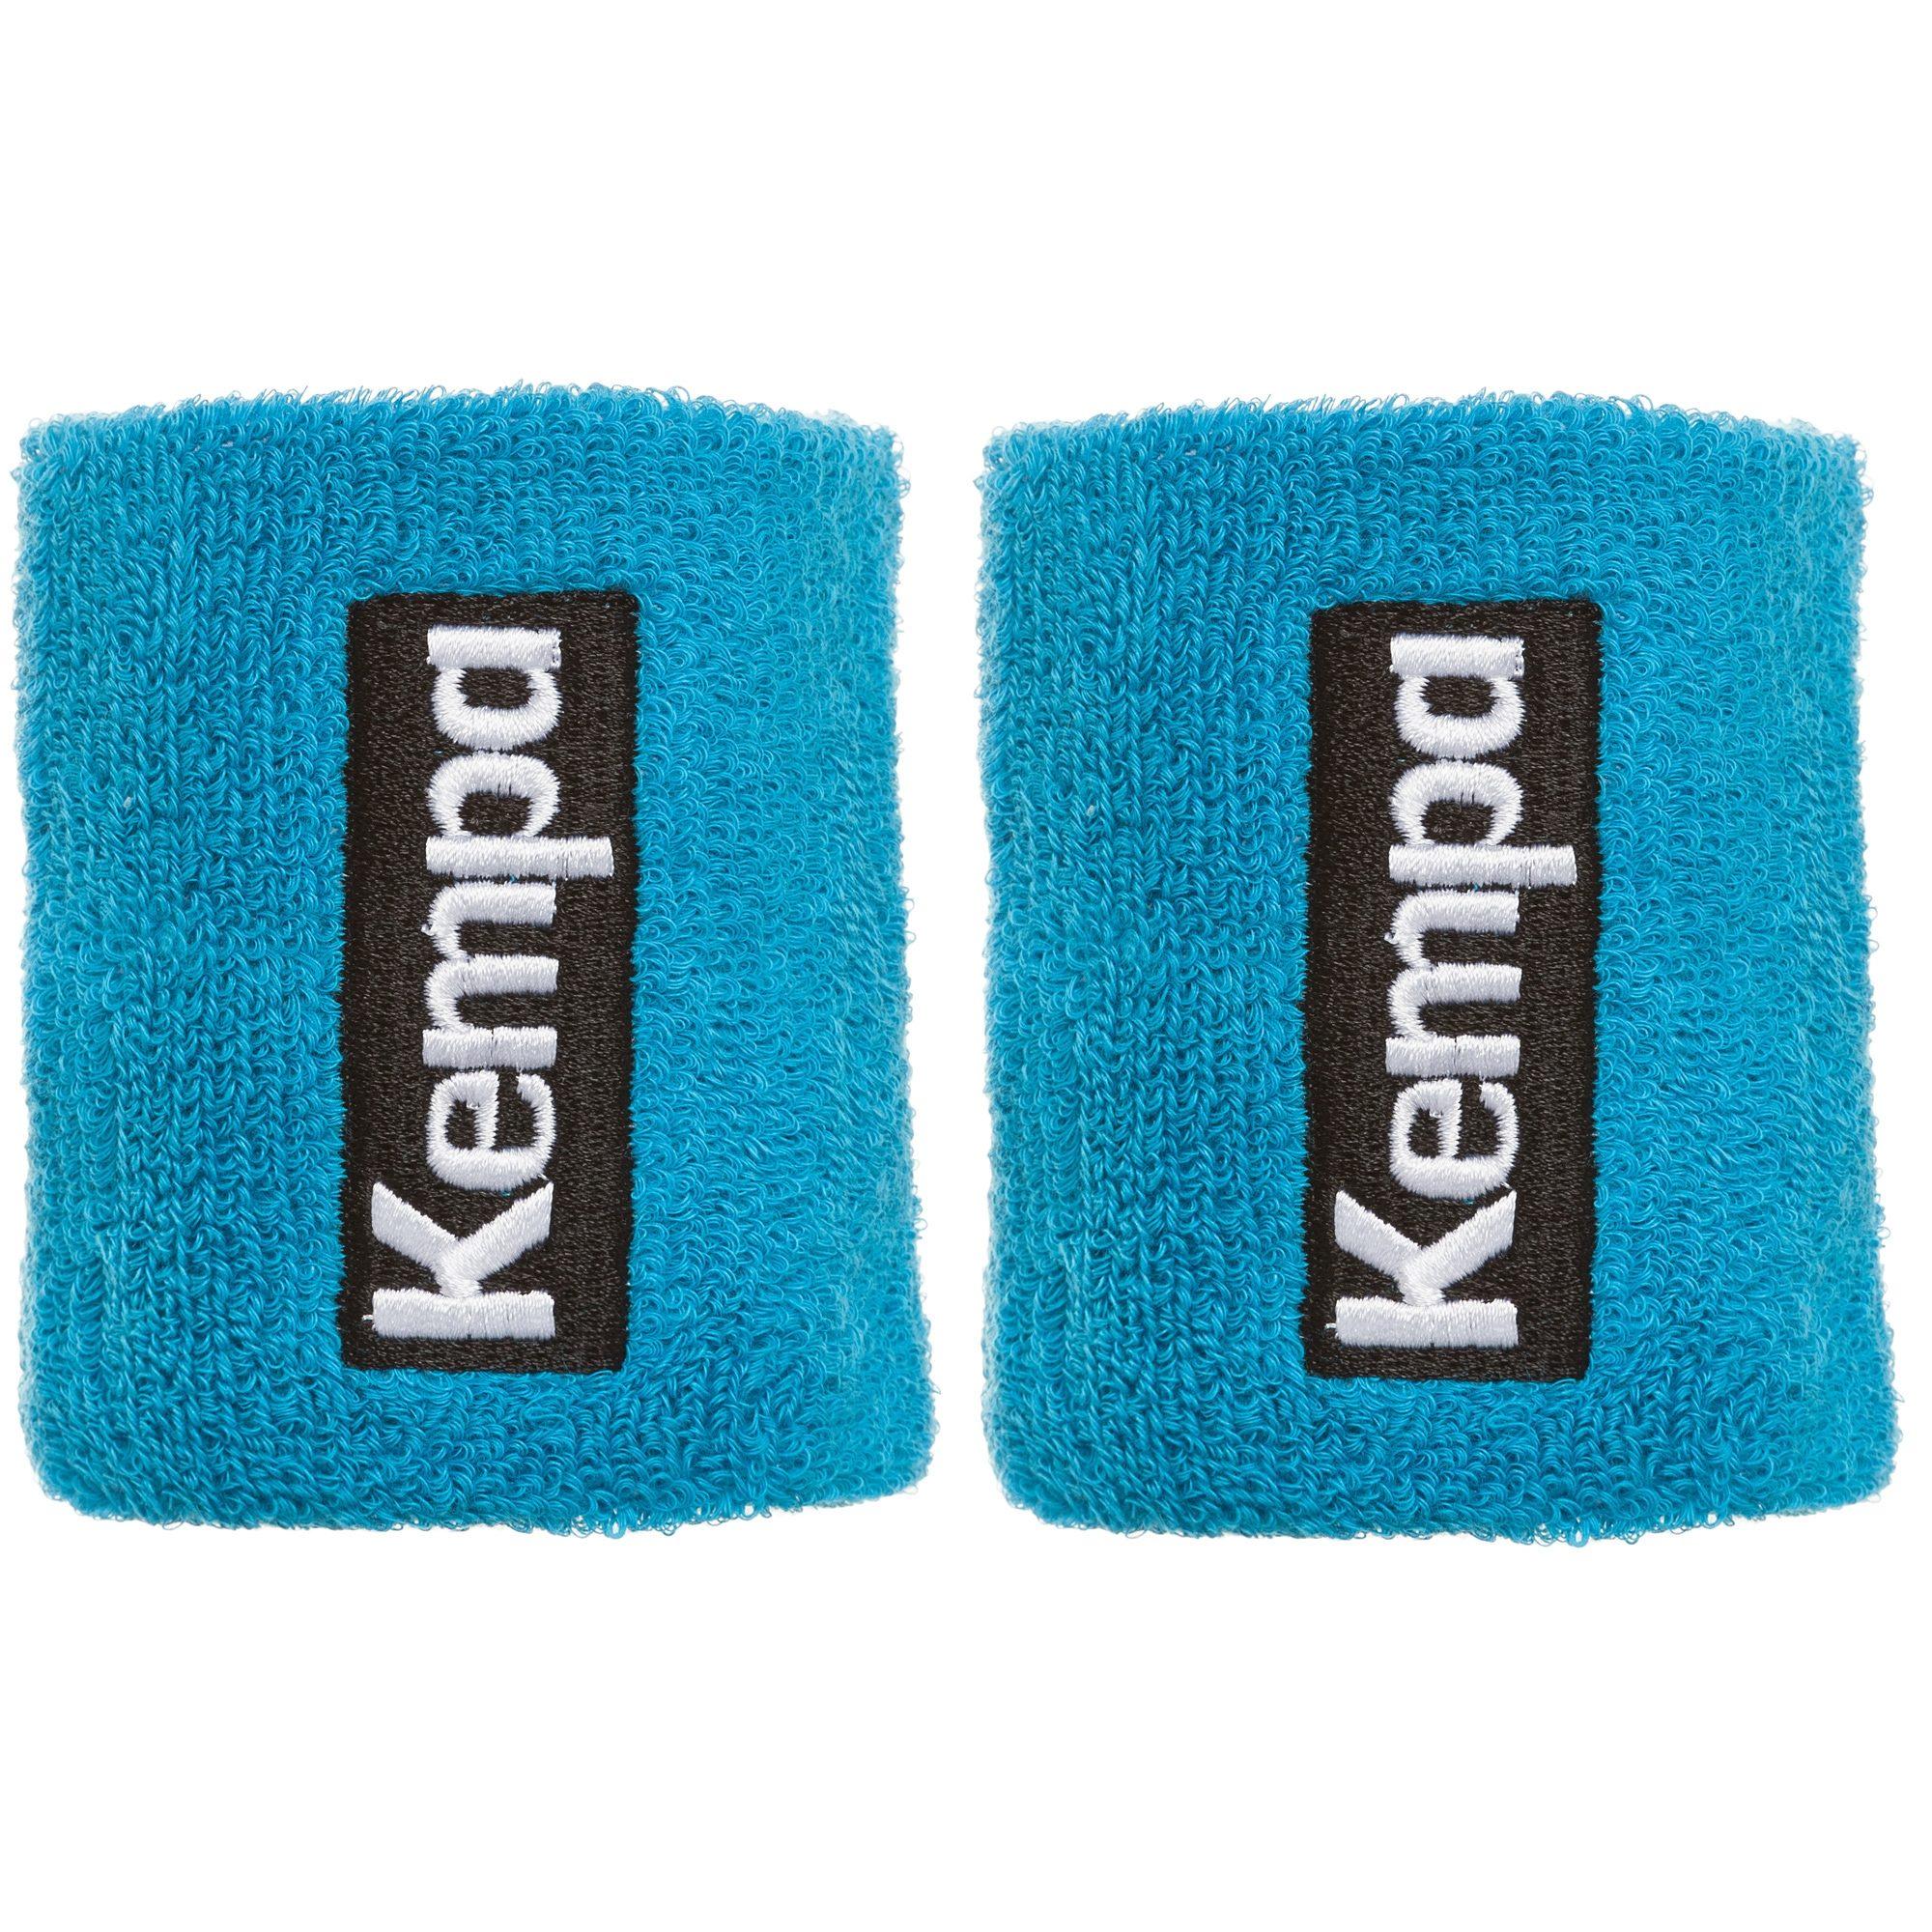 KEMPA Schweißband kurz 6er Pack